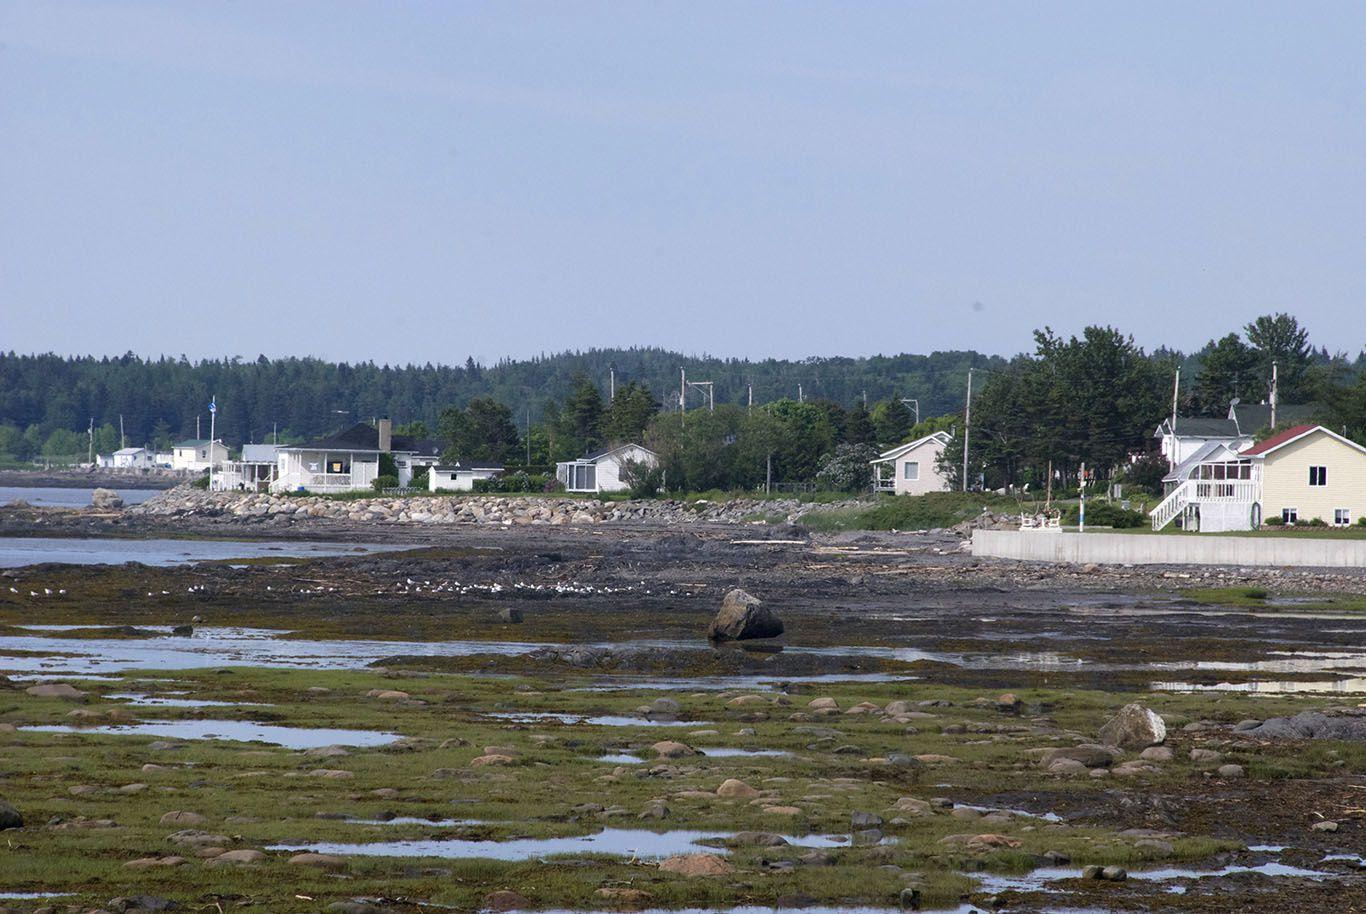 Rimouski: Saumon fumée, Homard excellent, coucher de soleil magnifique sur le fleuve Saint Laurent, balades en forêt dans les portes de l'enfer et sur la côte ouest Gaspésienne...